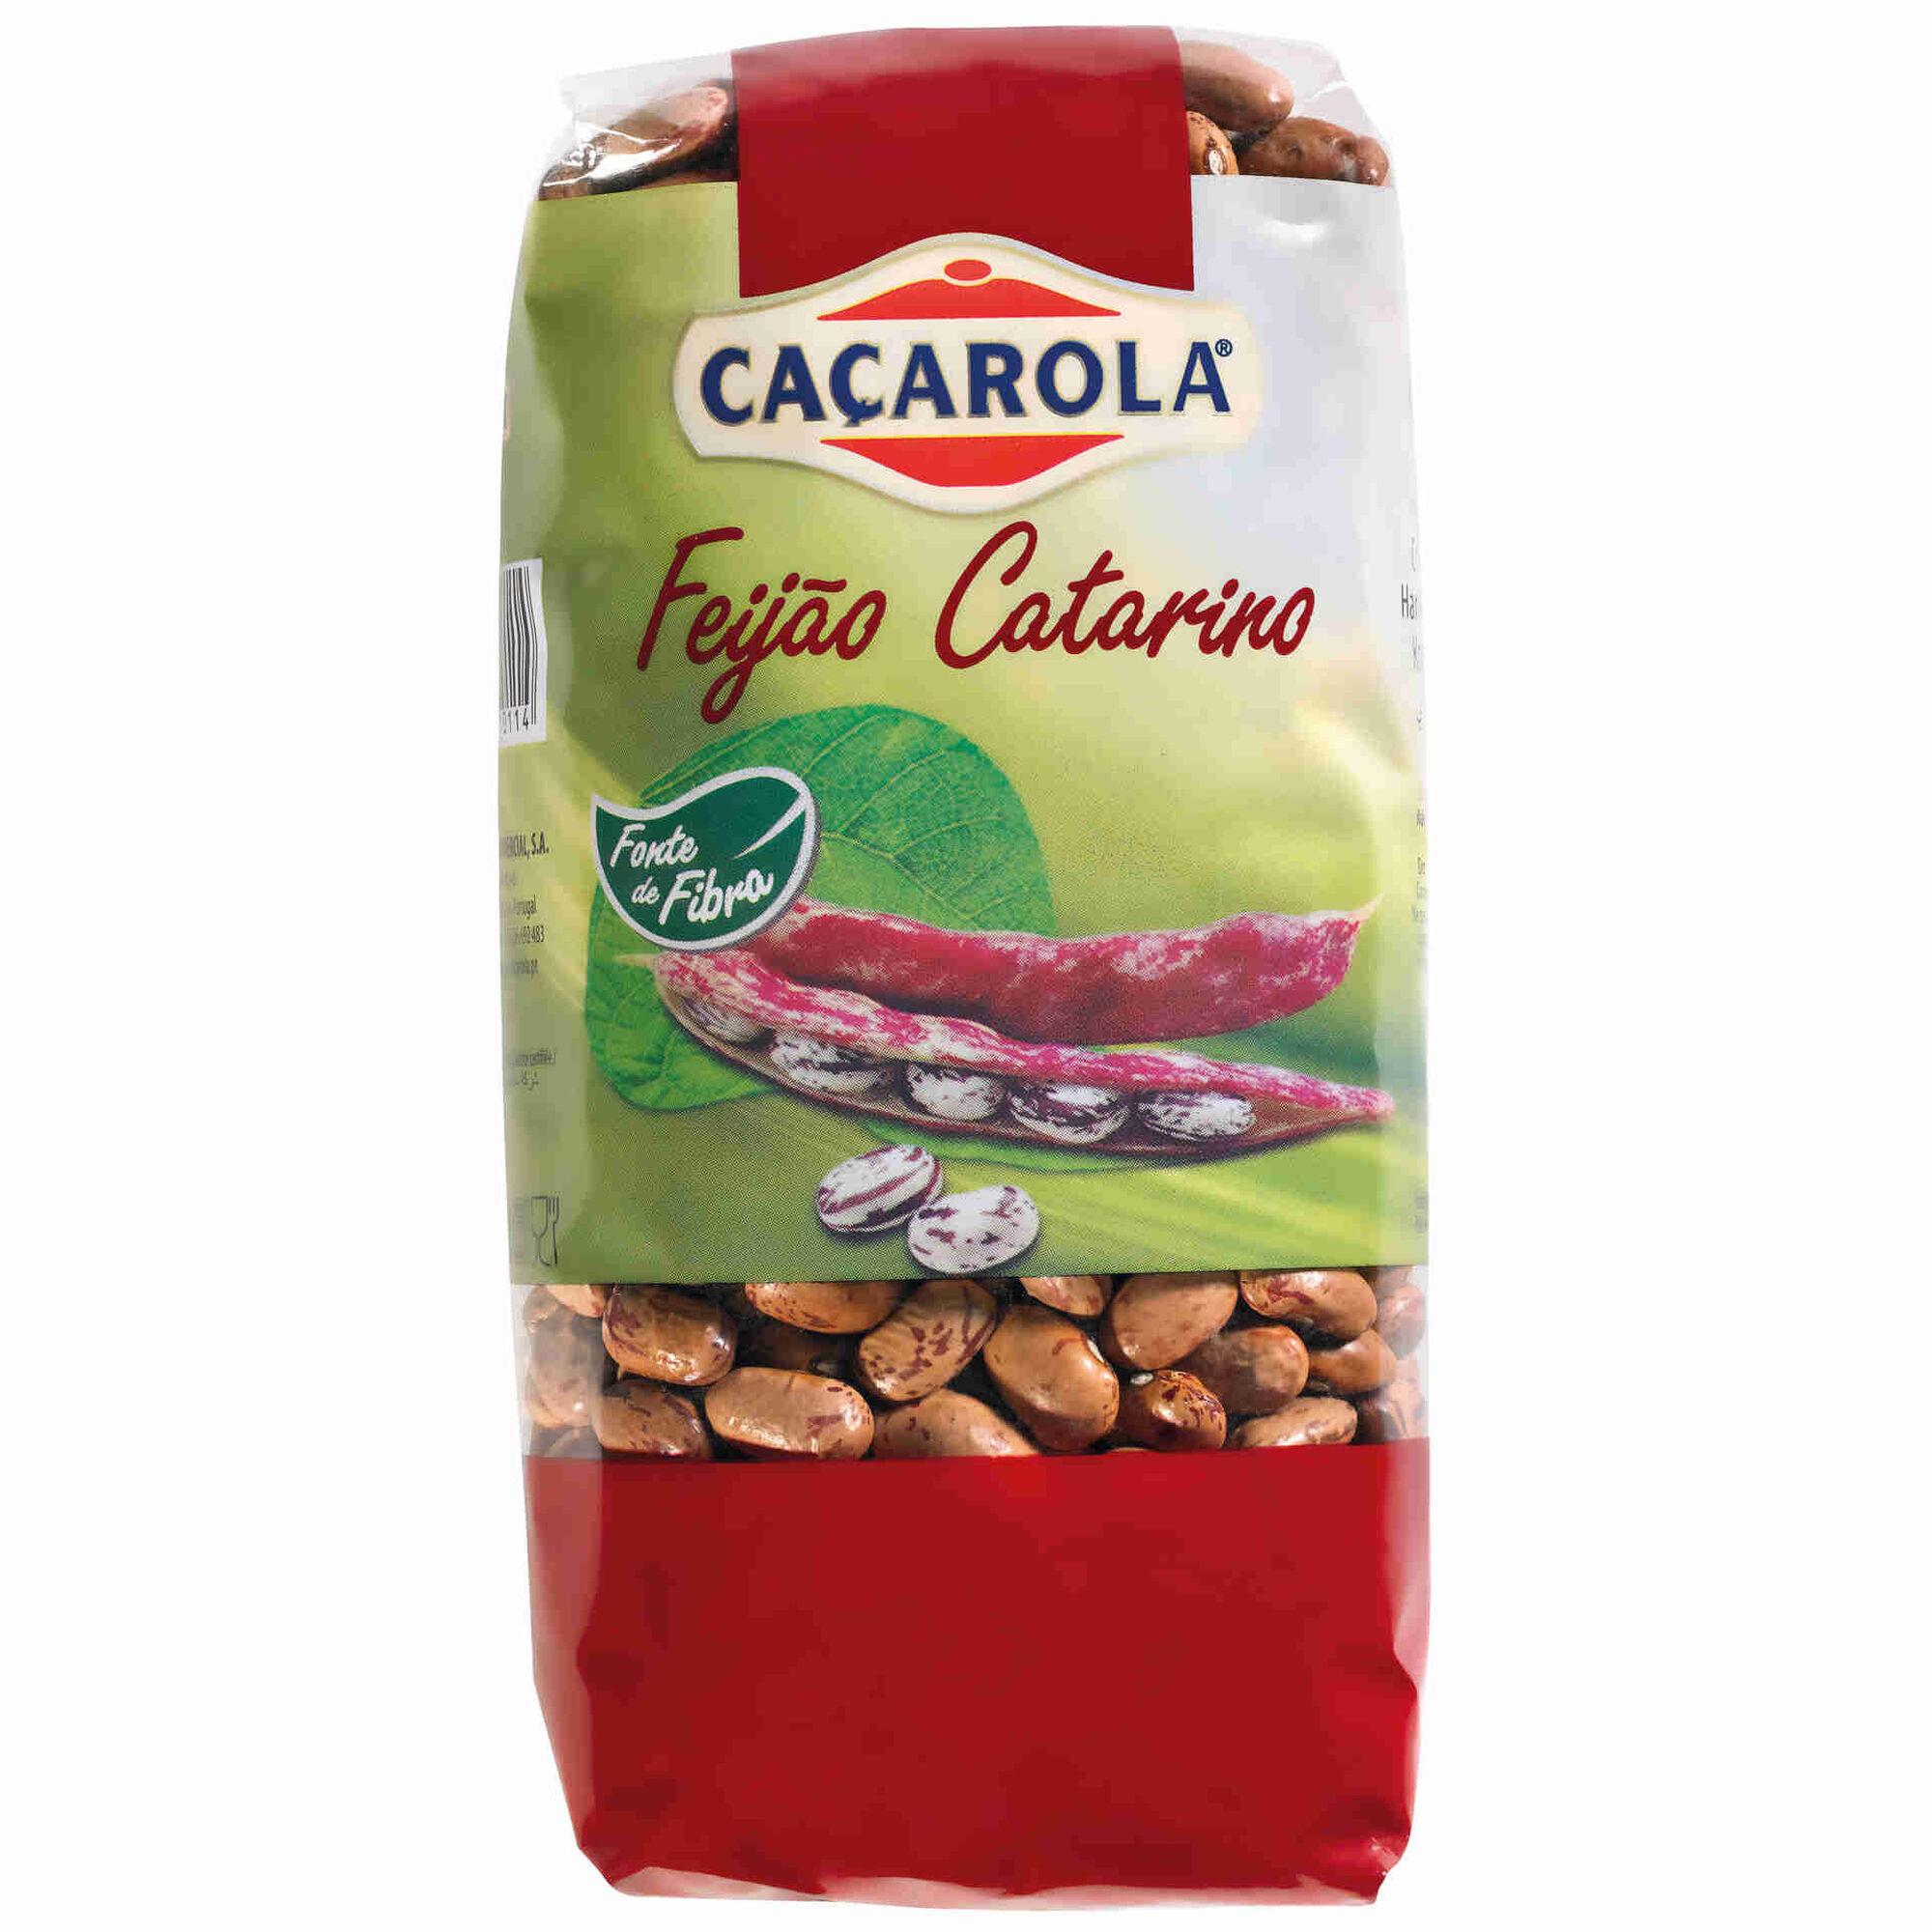 Feijão Catarino